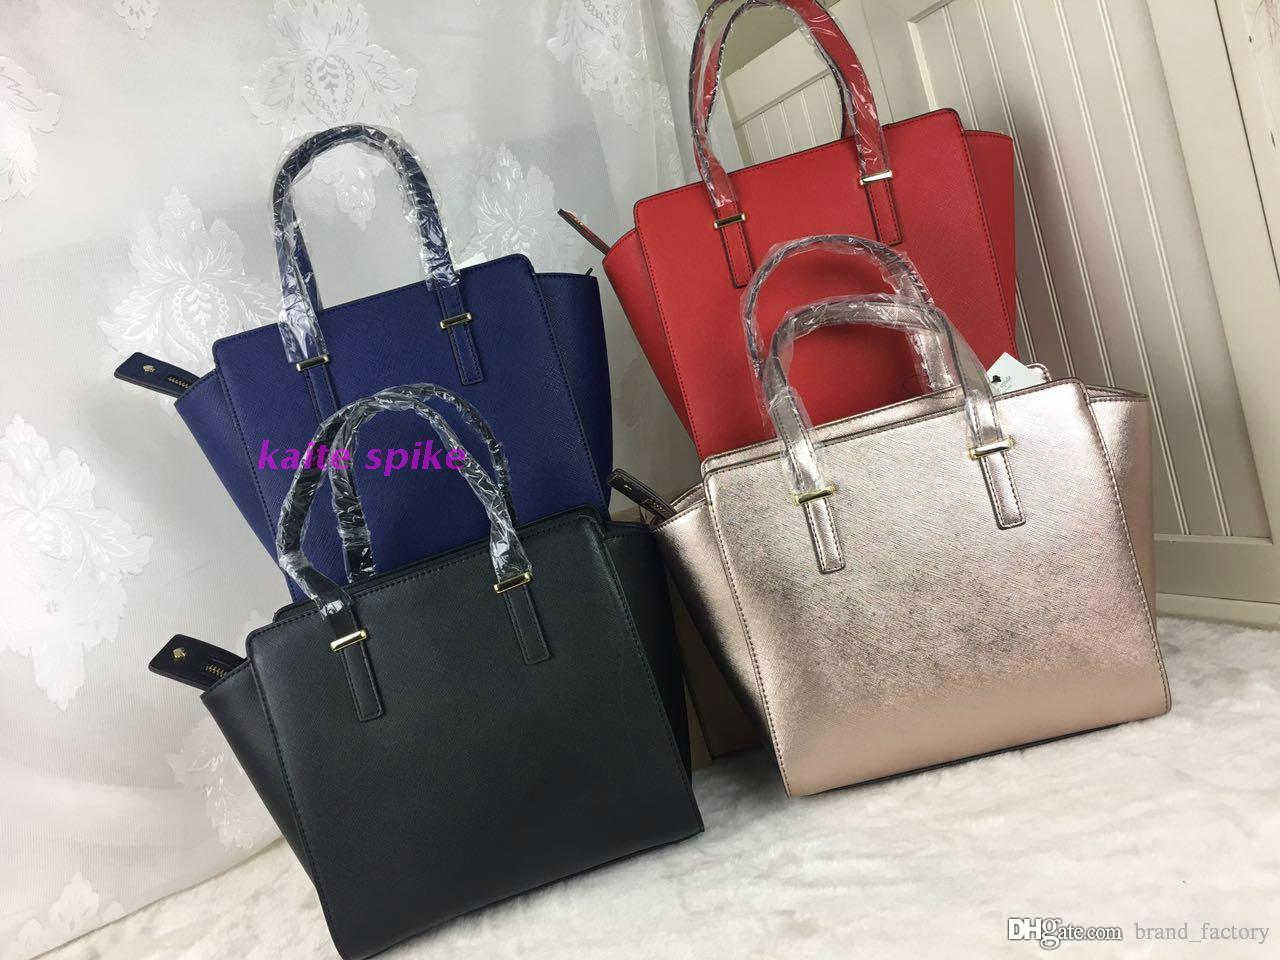 64beb3db57 2017 Luxury Brand Handbags Women Shoulder Bags Fashion Designer Totes  Purses Ladies Leather Bags Female Business Bolsas. Black Handbags Handbags  Wholesale ...